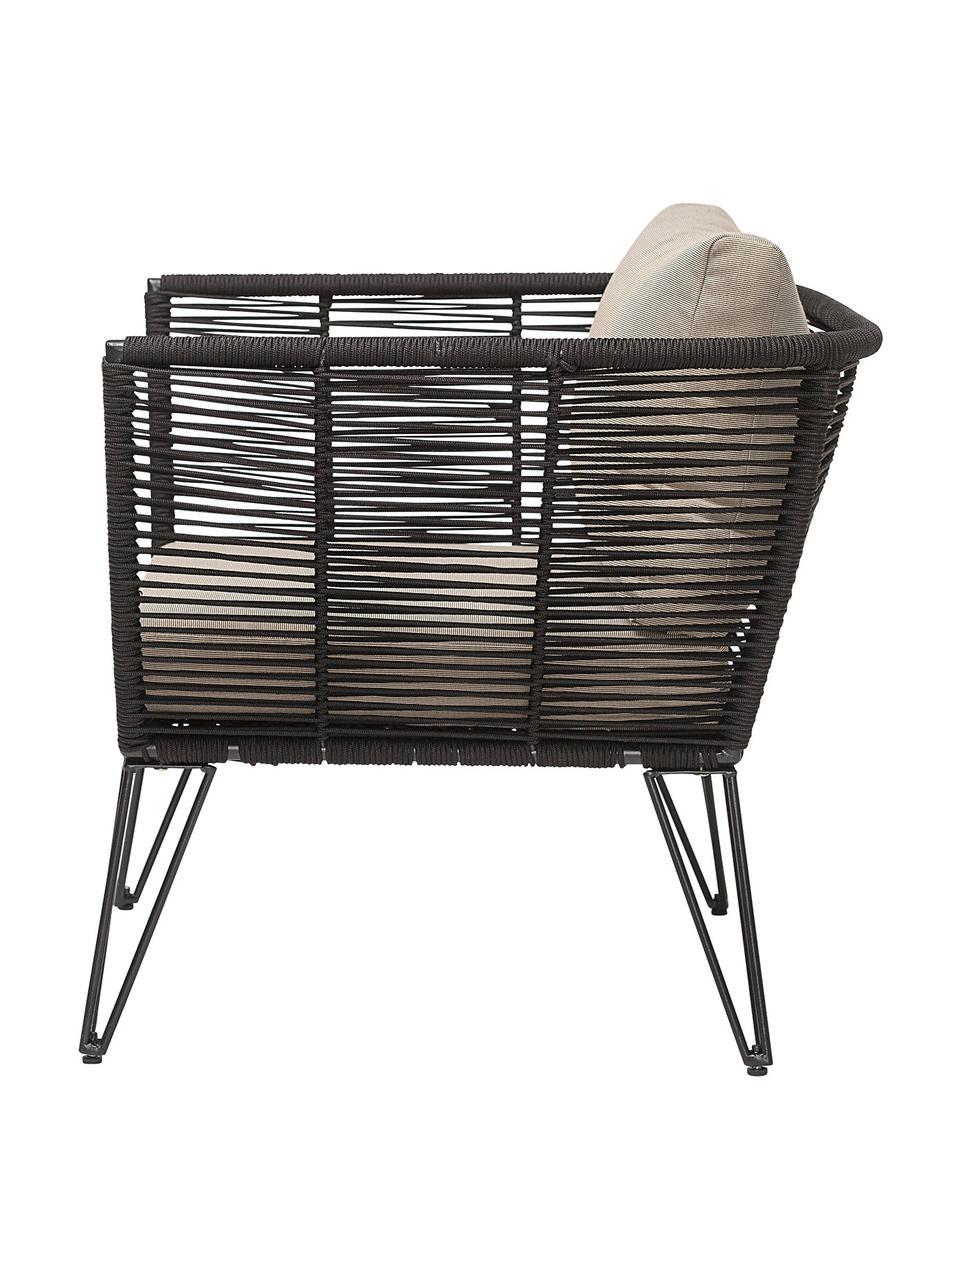 Garten-Loungesessel Mundo mit Kunststoff-Geflecht, Gestell: Metall, pulverbeschichtet, Sitzfläche: Polyethylen, Bezug: Polyester Die Bezüge sind, Schwarz, Beige, B 87 x T 74 cm